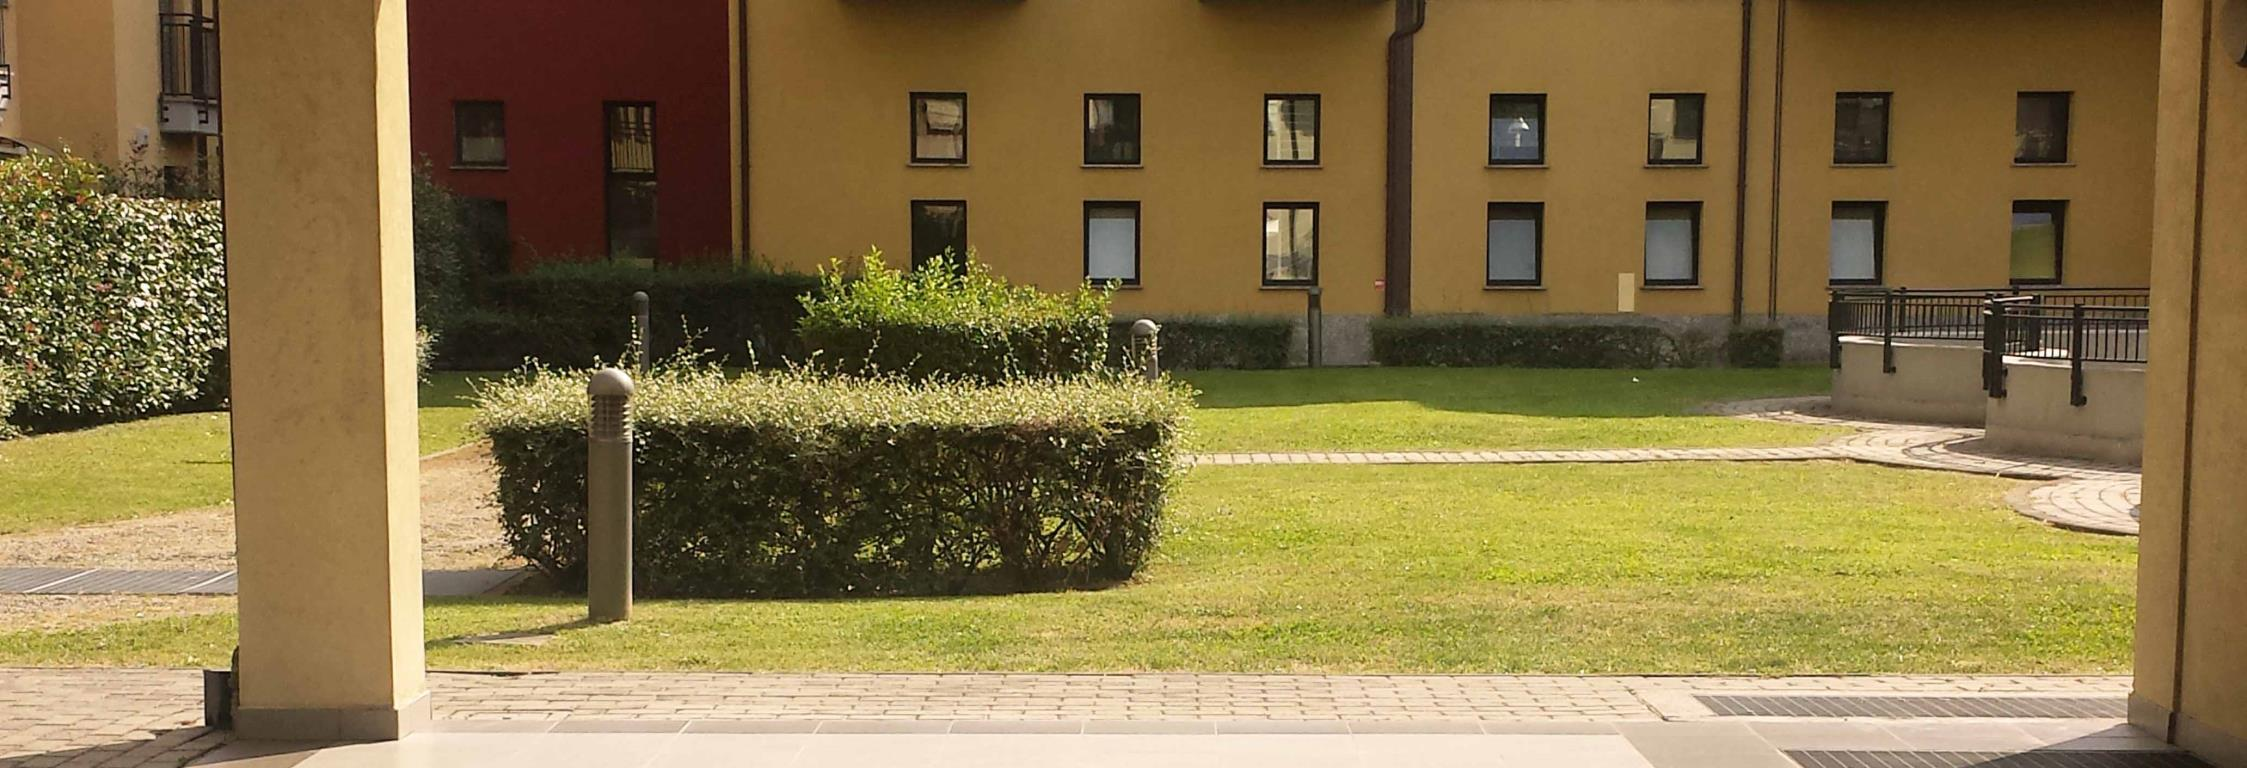 Appartamento in vendita a Muggiò, 3 locali, zona Località: centro, prezzo € 149.000 | Cambio Casa.it